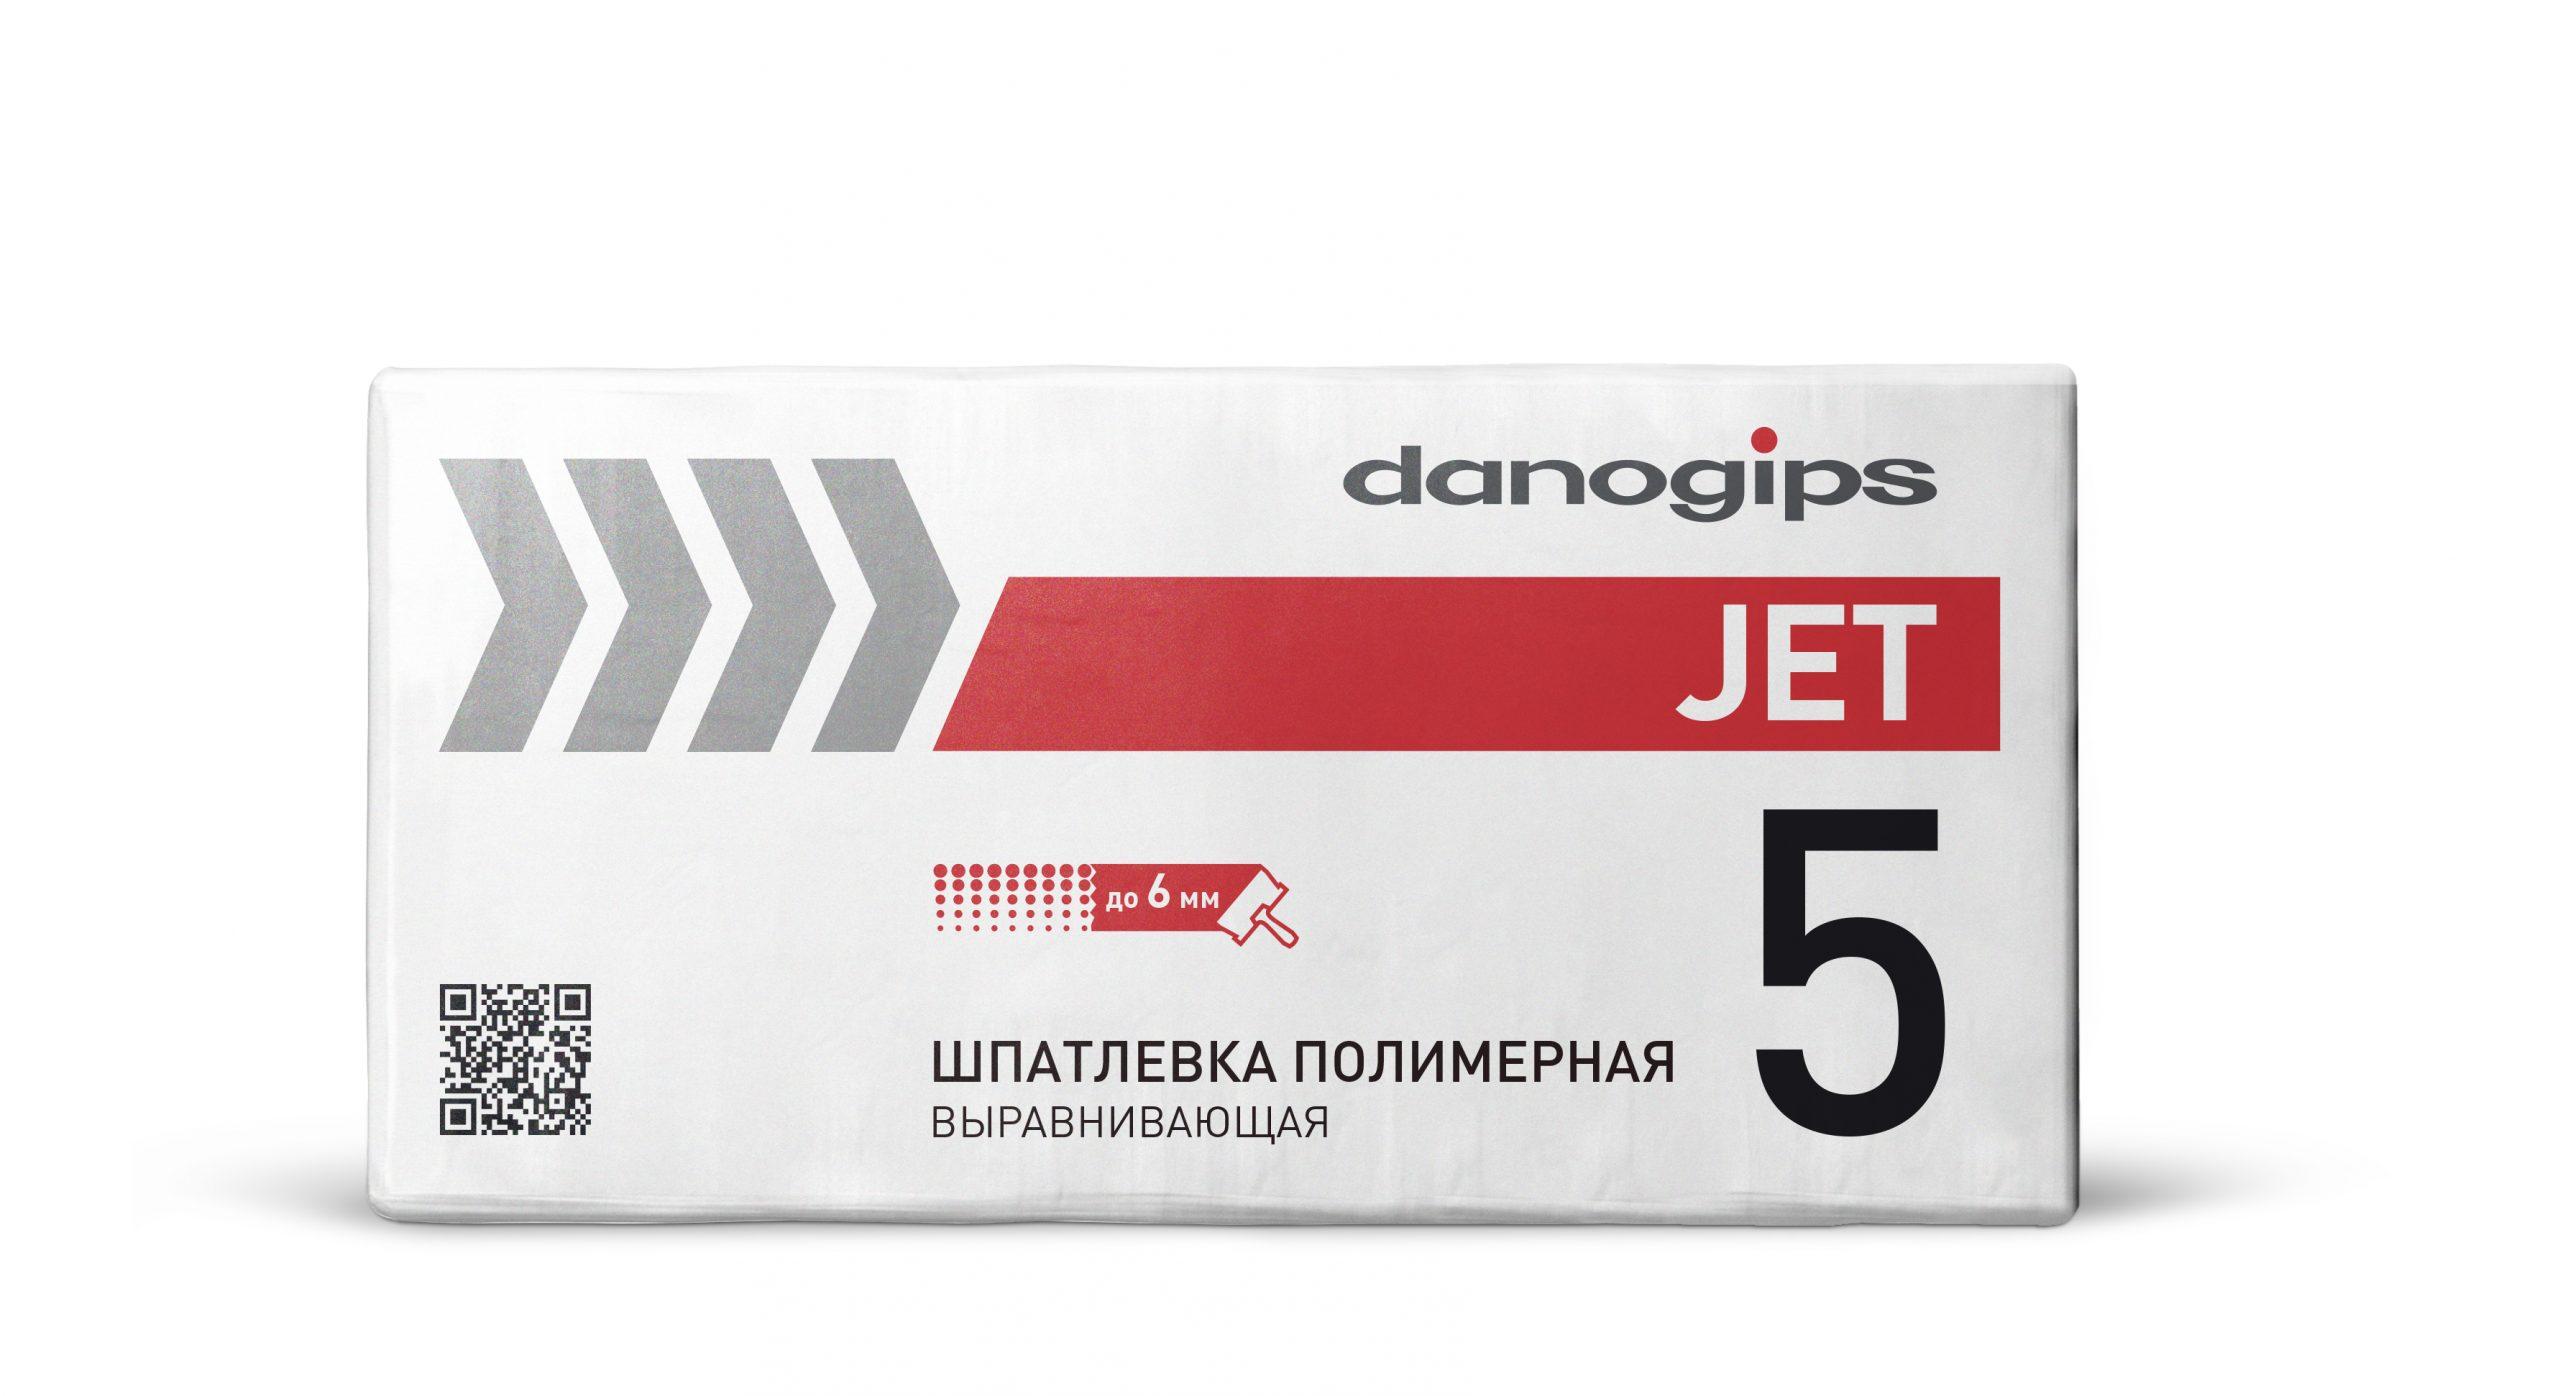 Шпатлевка полимерная выравнивающая DANO JET5 25 кг доставка Уральск